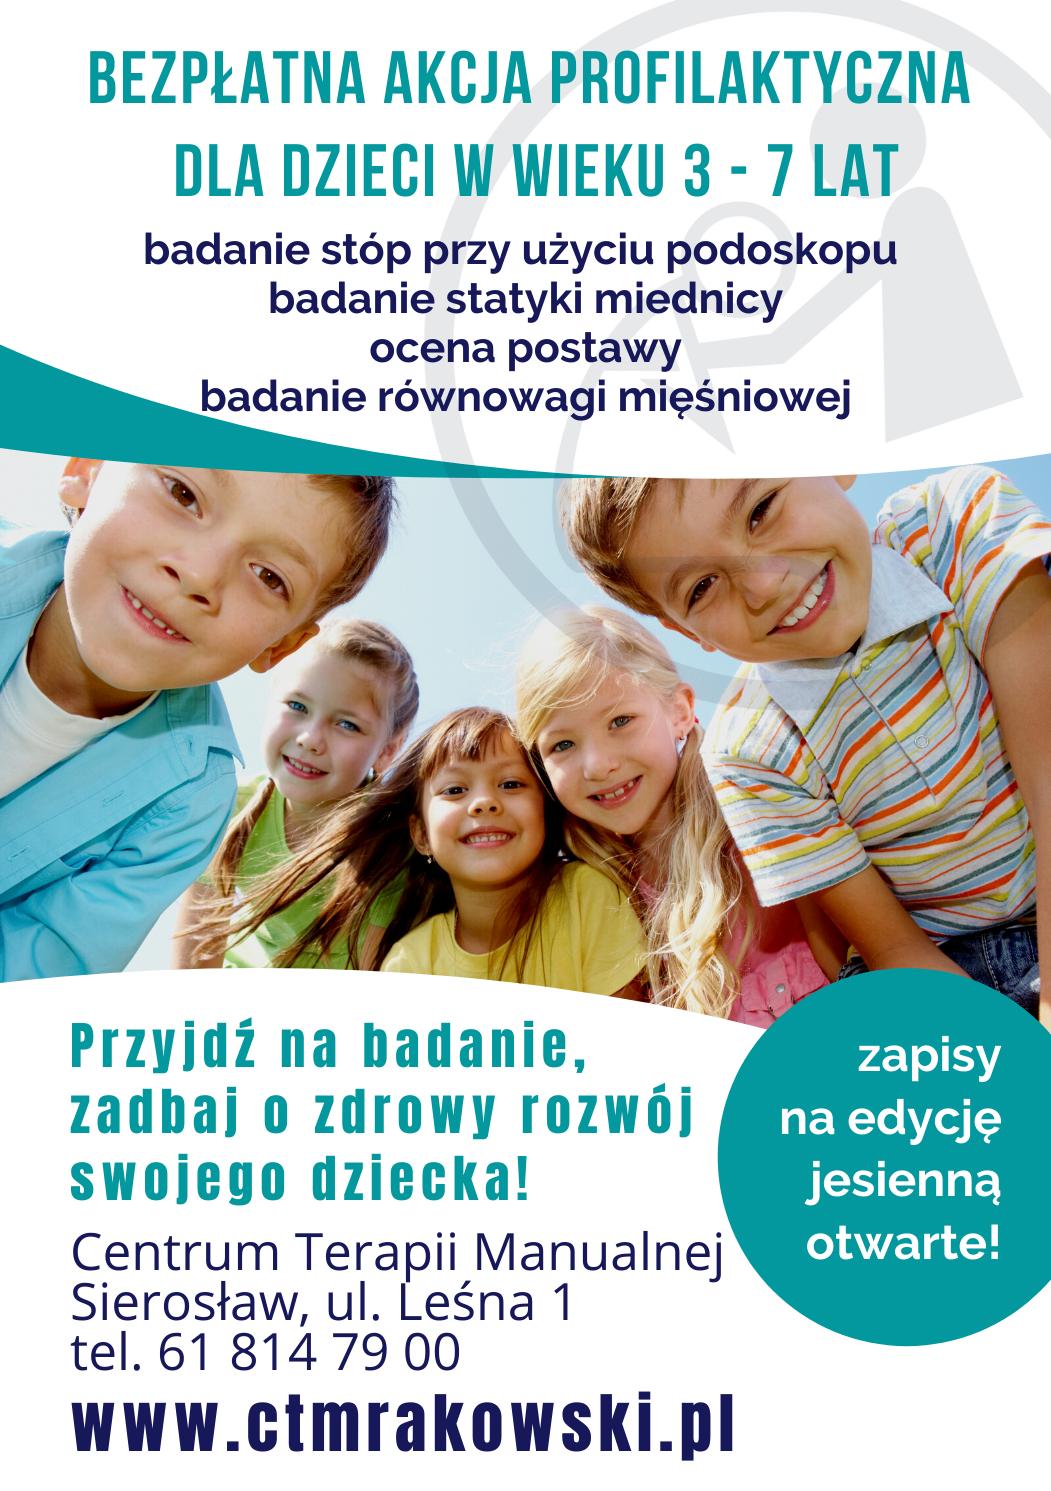 Zapraszamy na jesienną edycję bezpłatnych badań profilaktycznych!